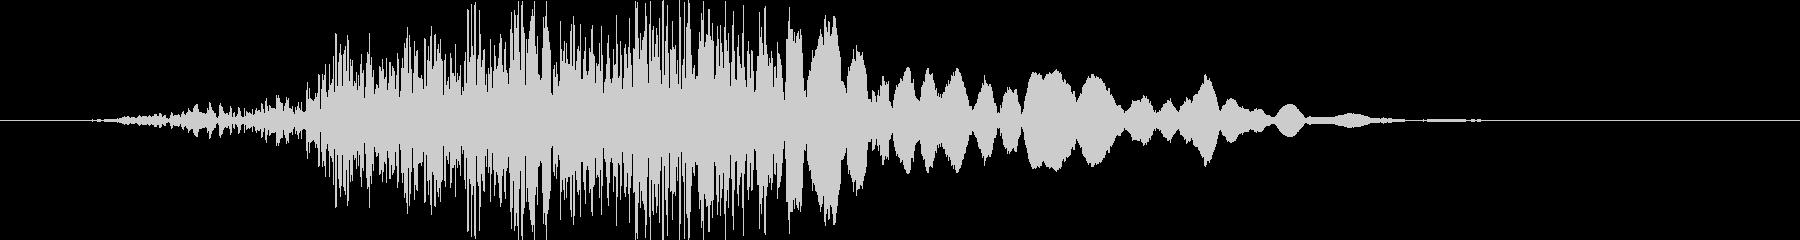 ヘビーヒューシュボディインパクトパ...の未再生の波形